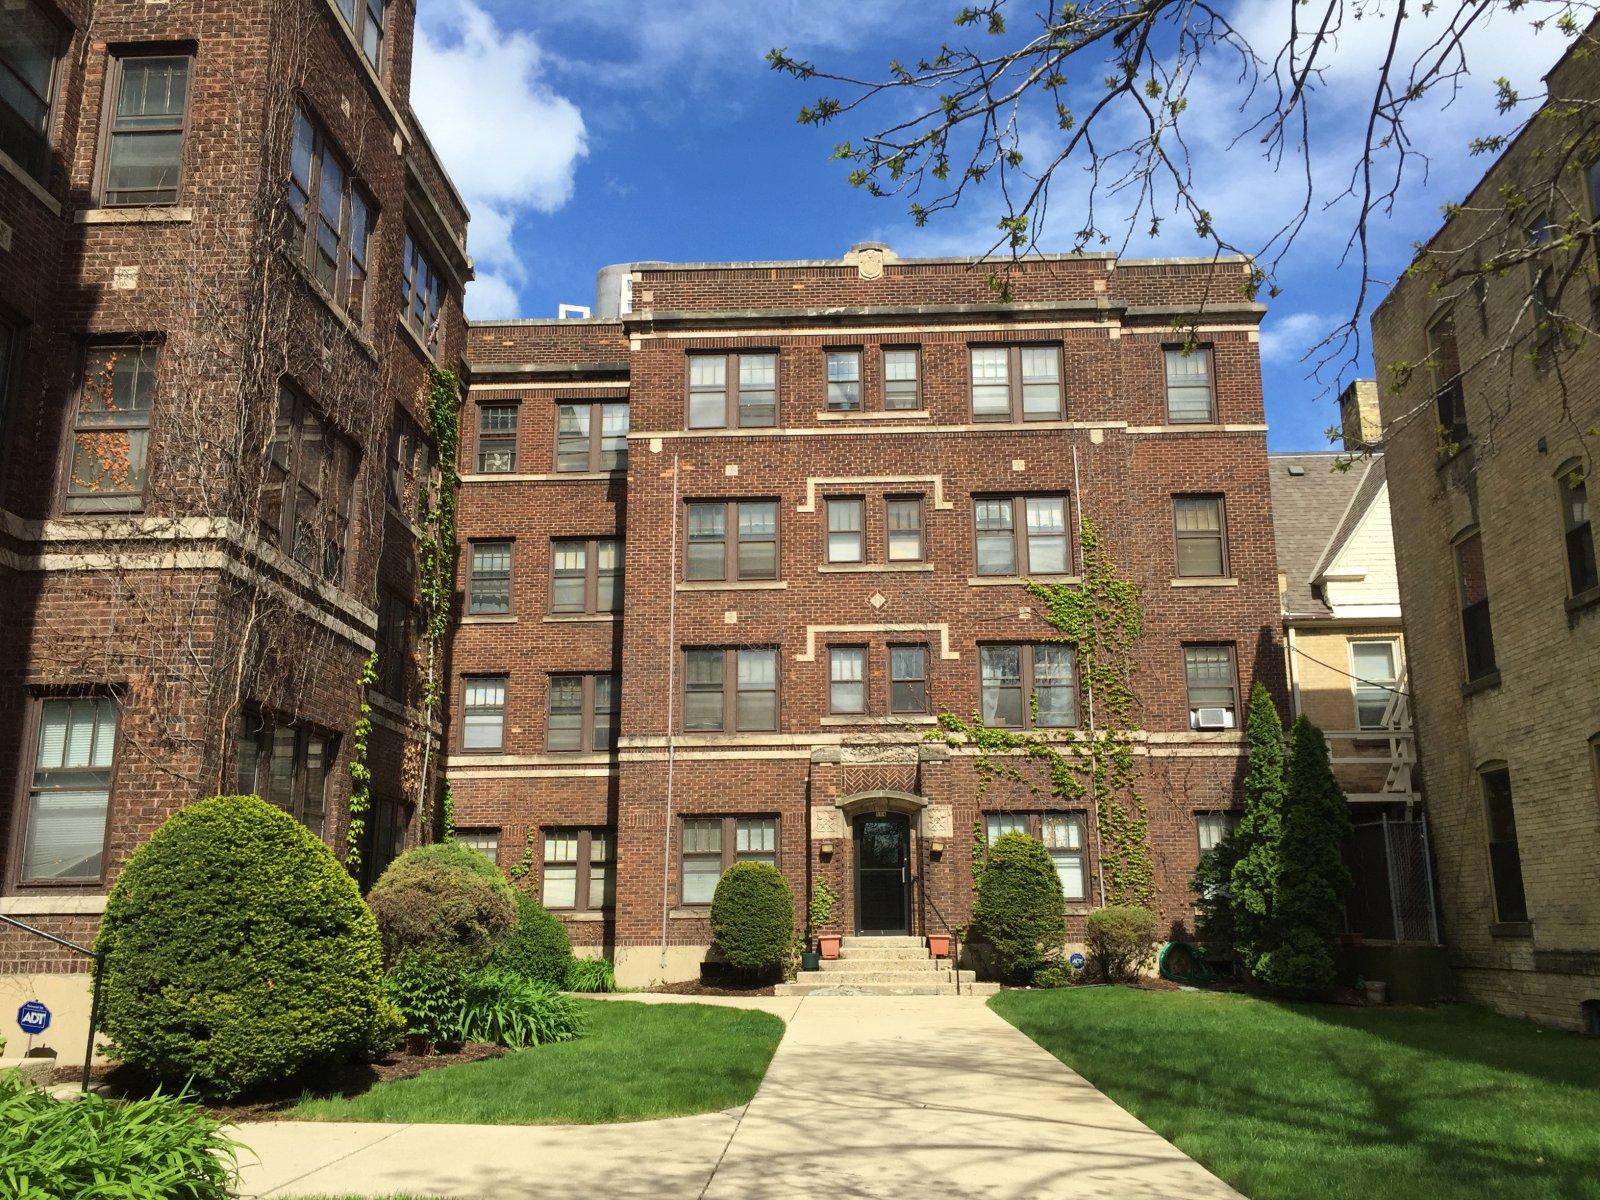 Candon Court, 804-808 N. Van Buren St.